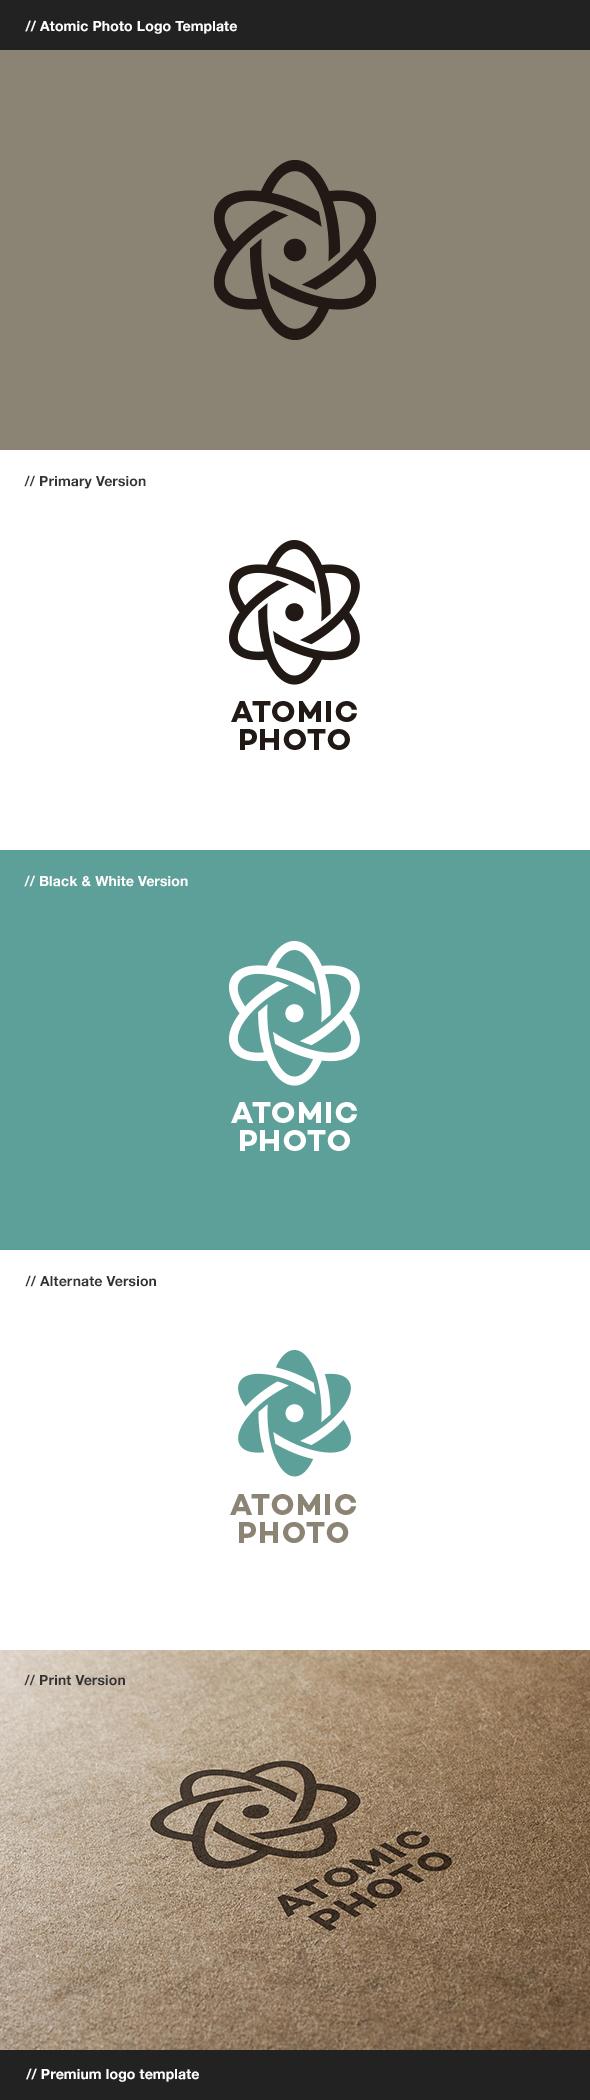 GraphicRiver Atomic Photo 8104990